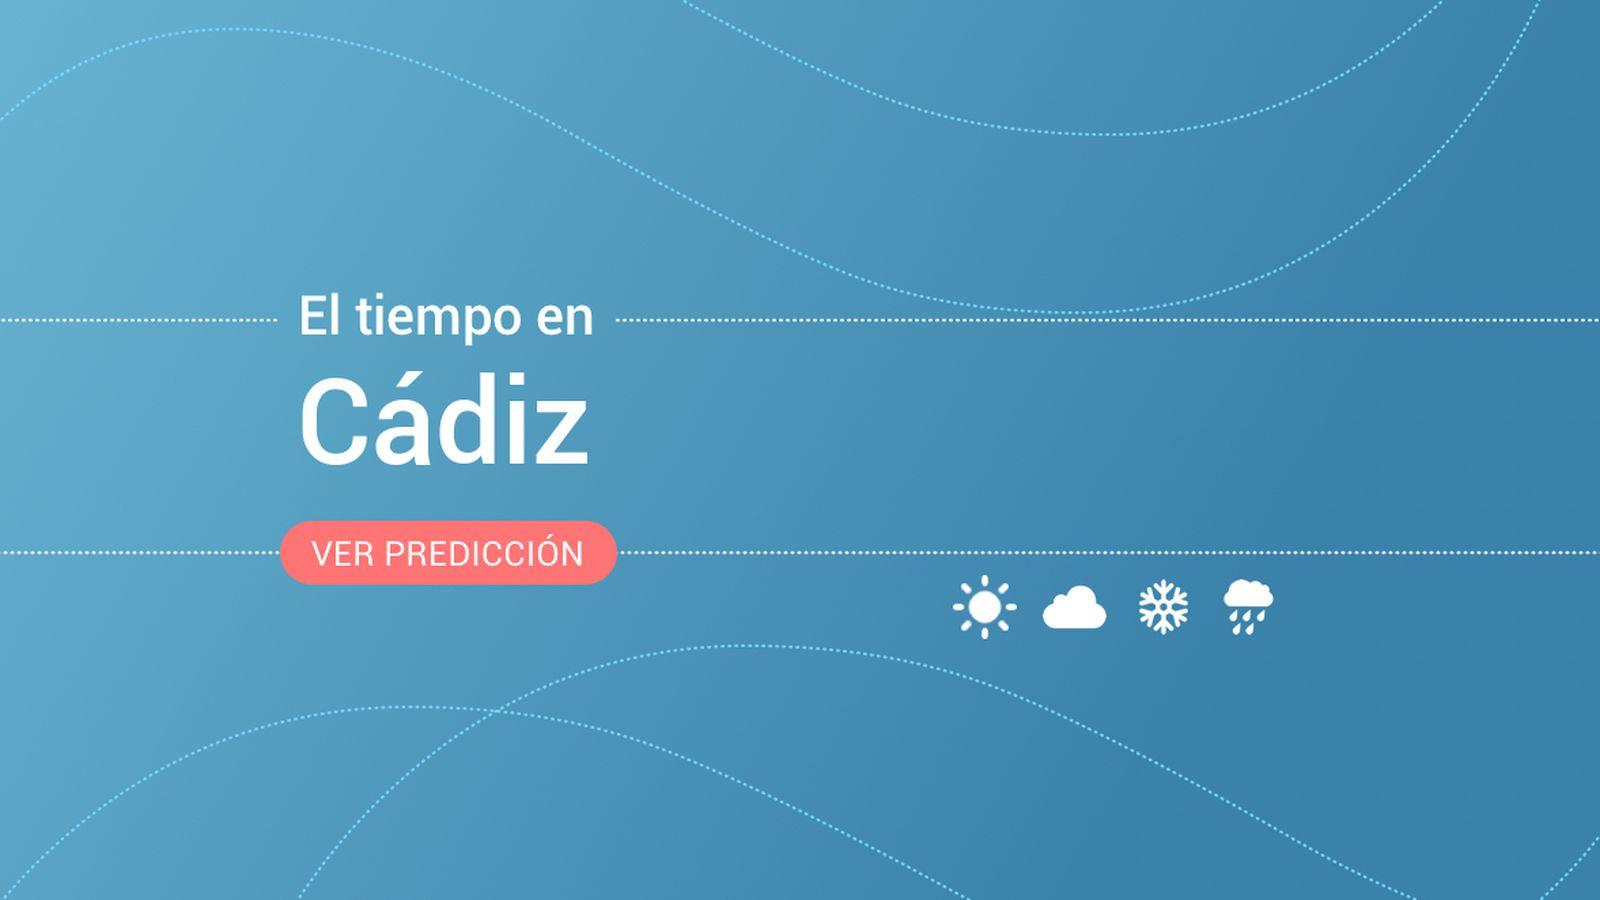 Foto: El tiempo en Cádiz. (EC)